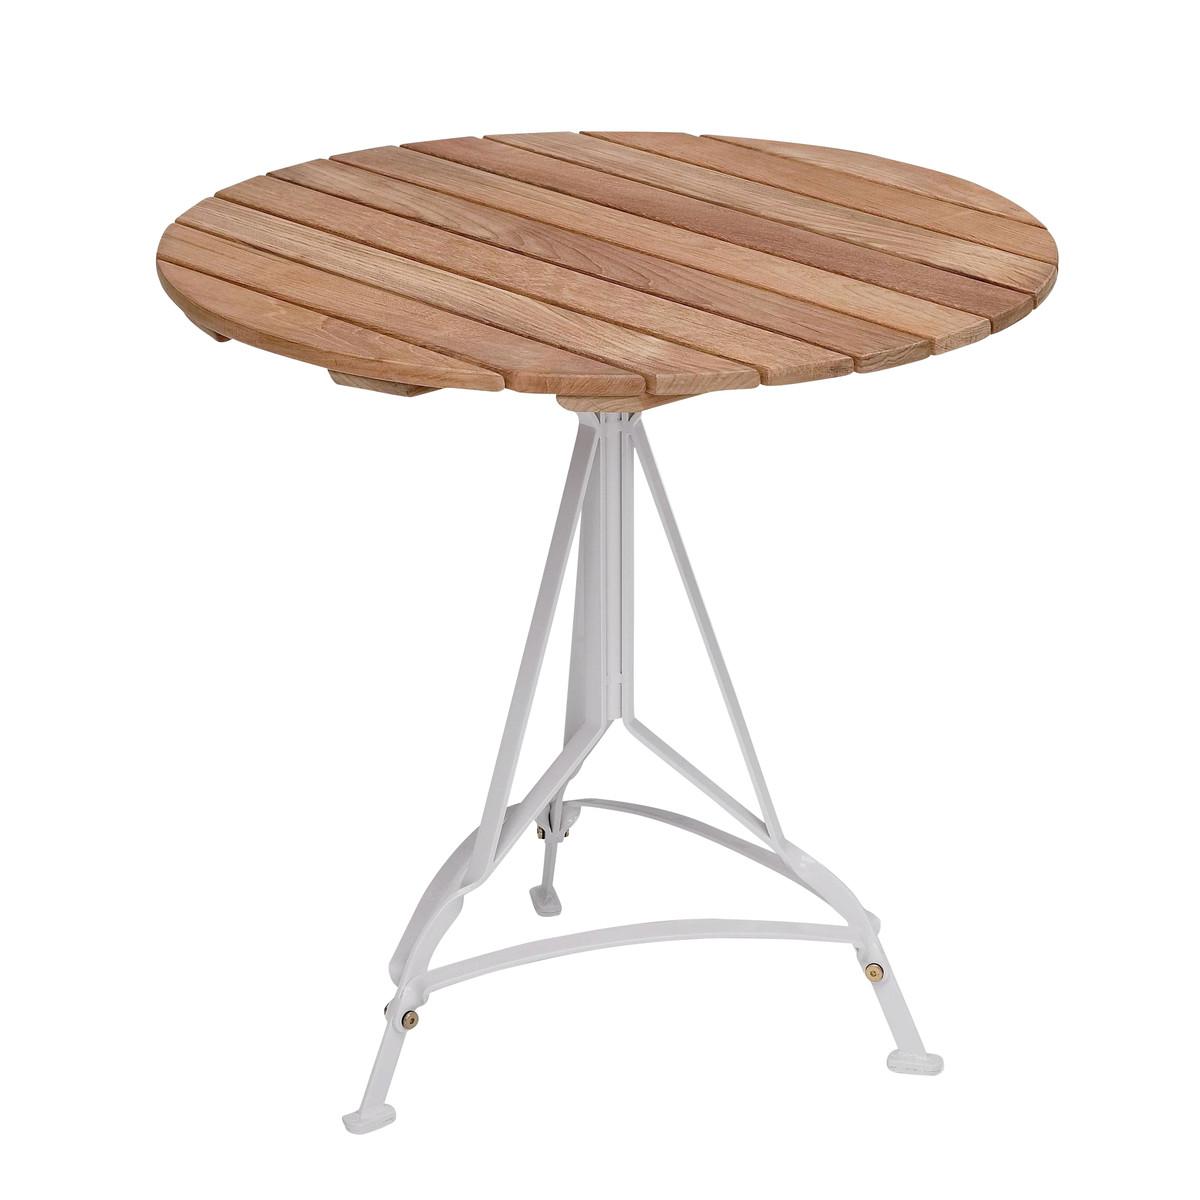 Gartentisch rund  Grenen Gartentisch rund | Skagerak | AmbienteDirect.com